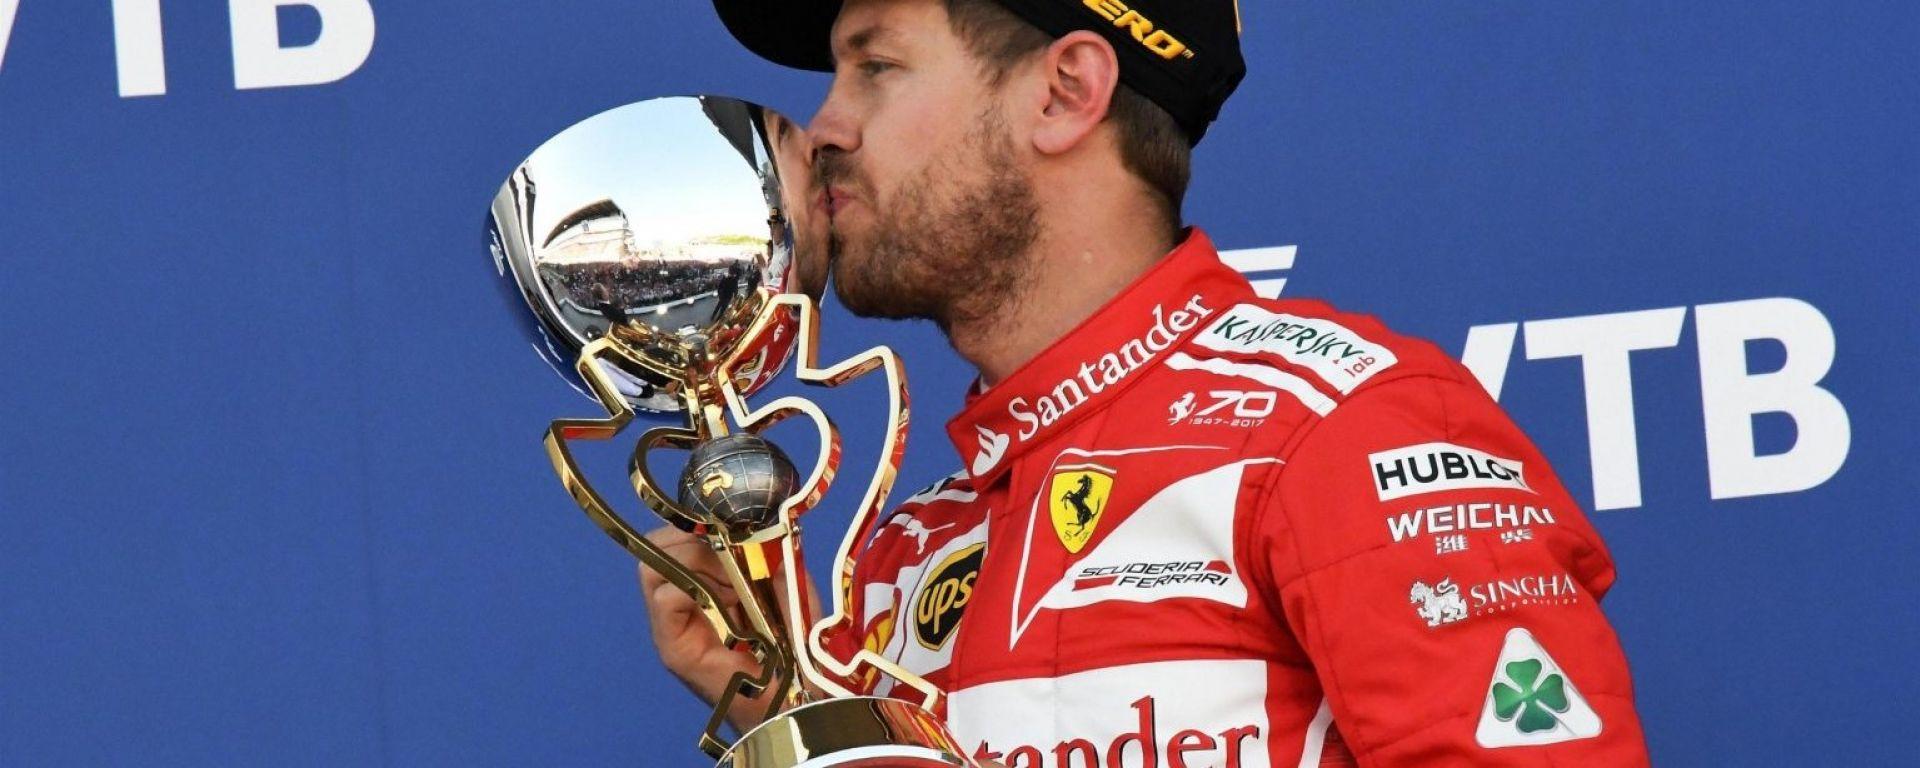 Bicchiere mezzo pieno e pezzo vuoto per la Ferrari?